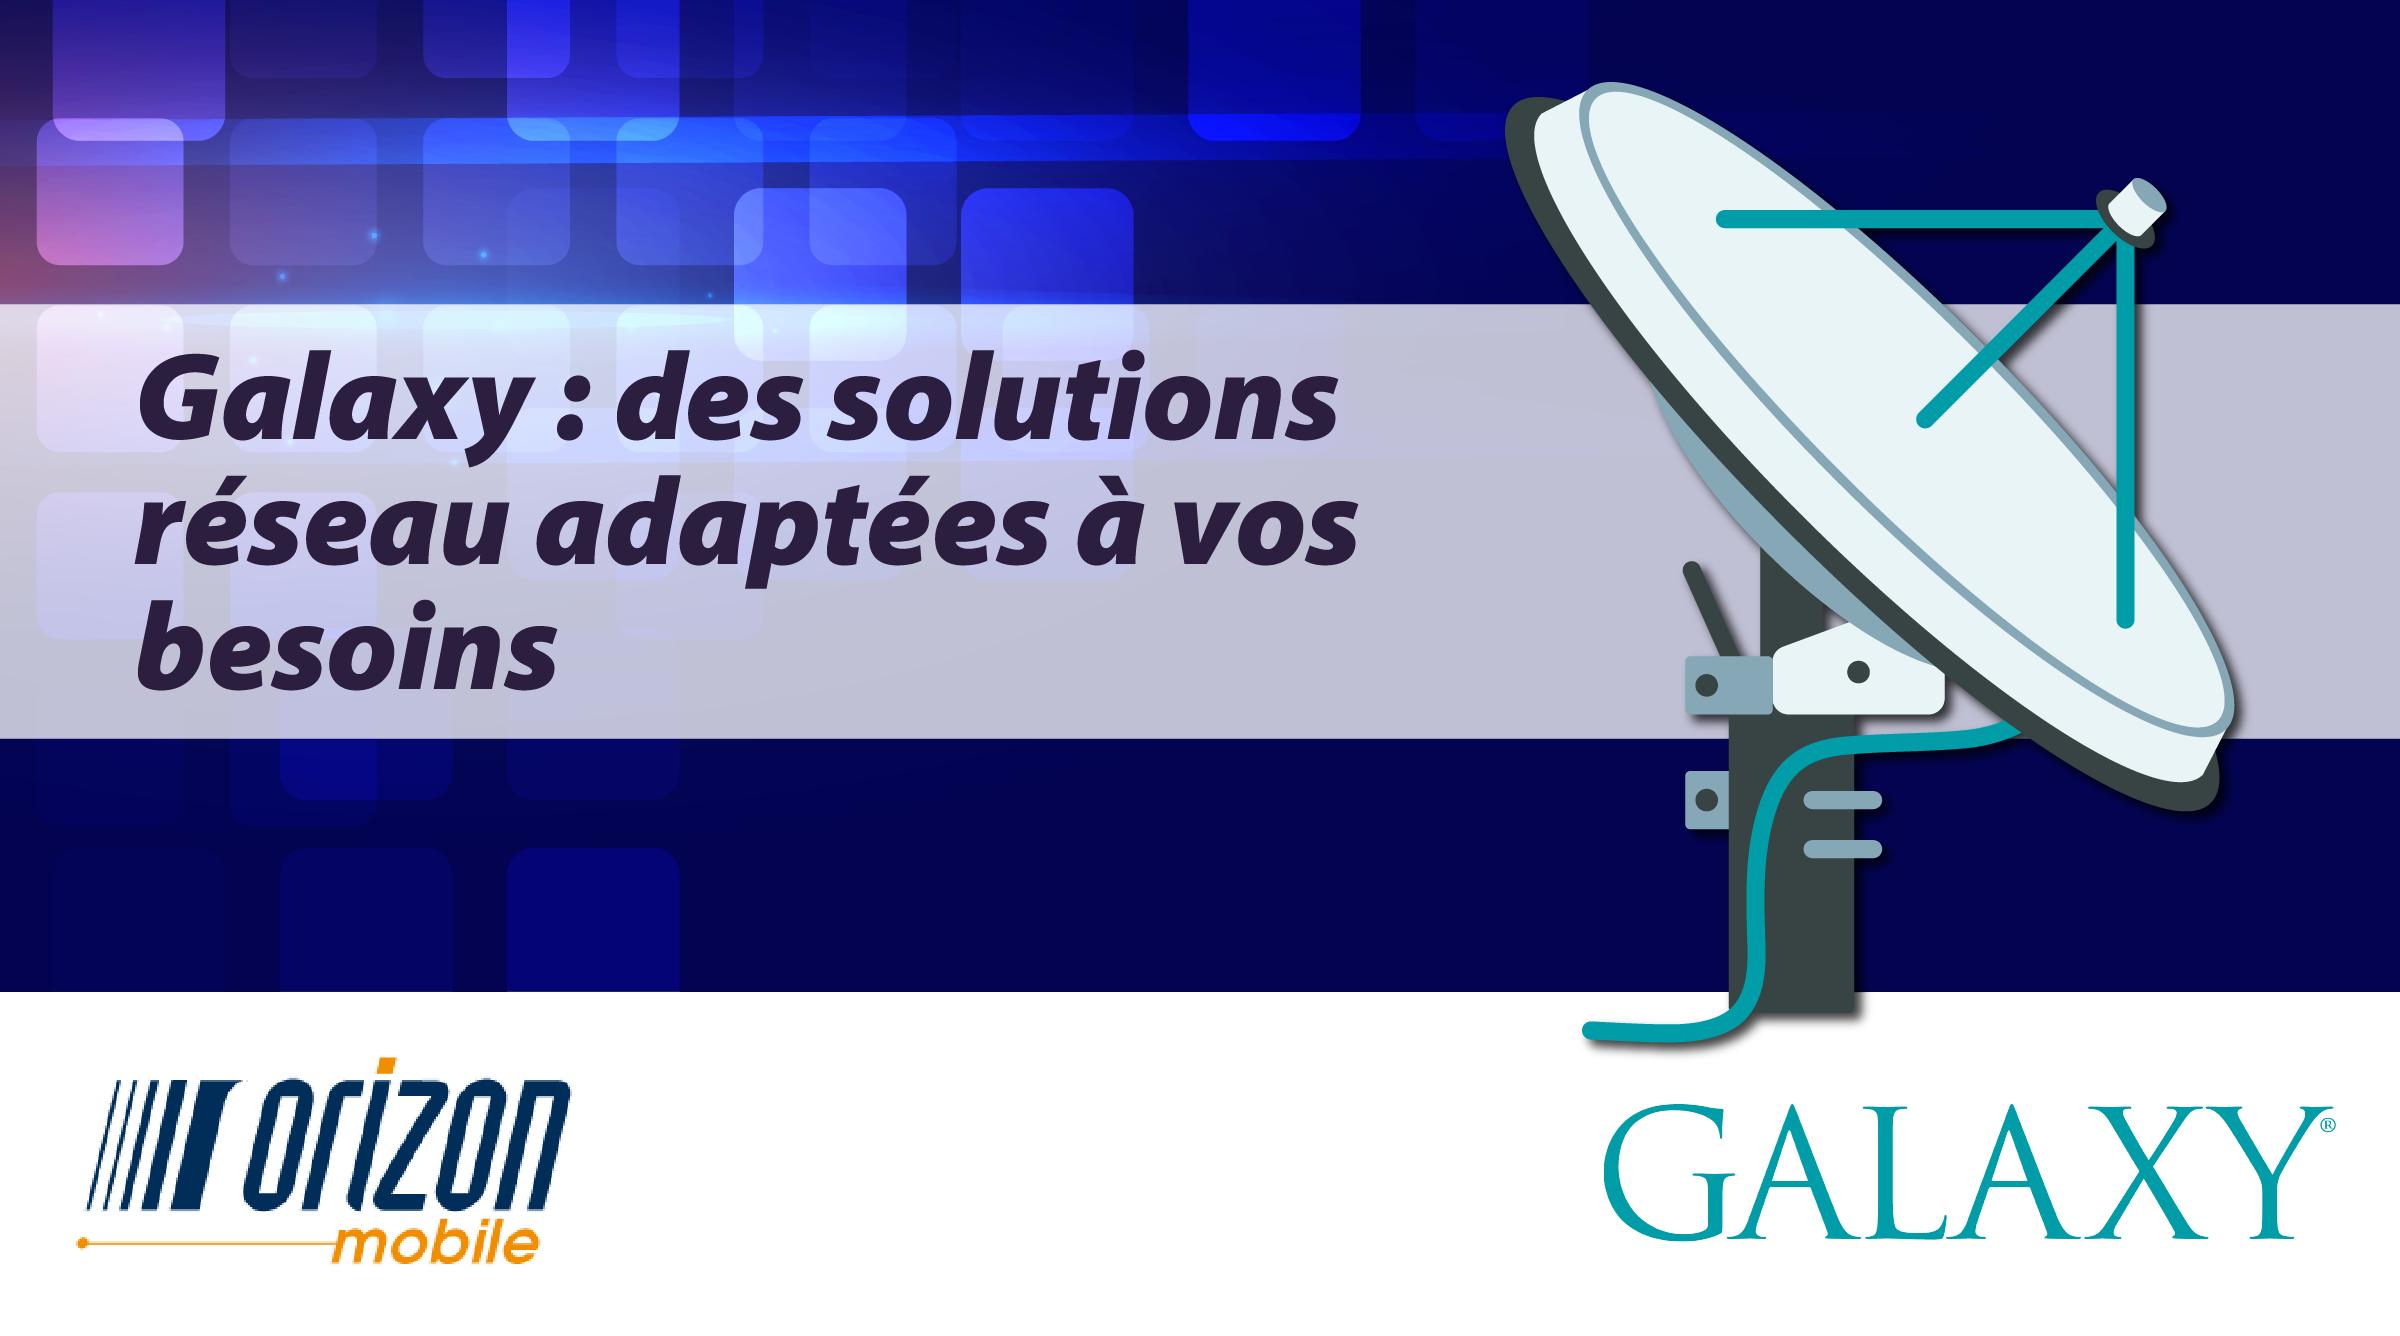 Gabarit visuel - Galaxy Broadband 2019-04